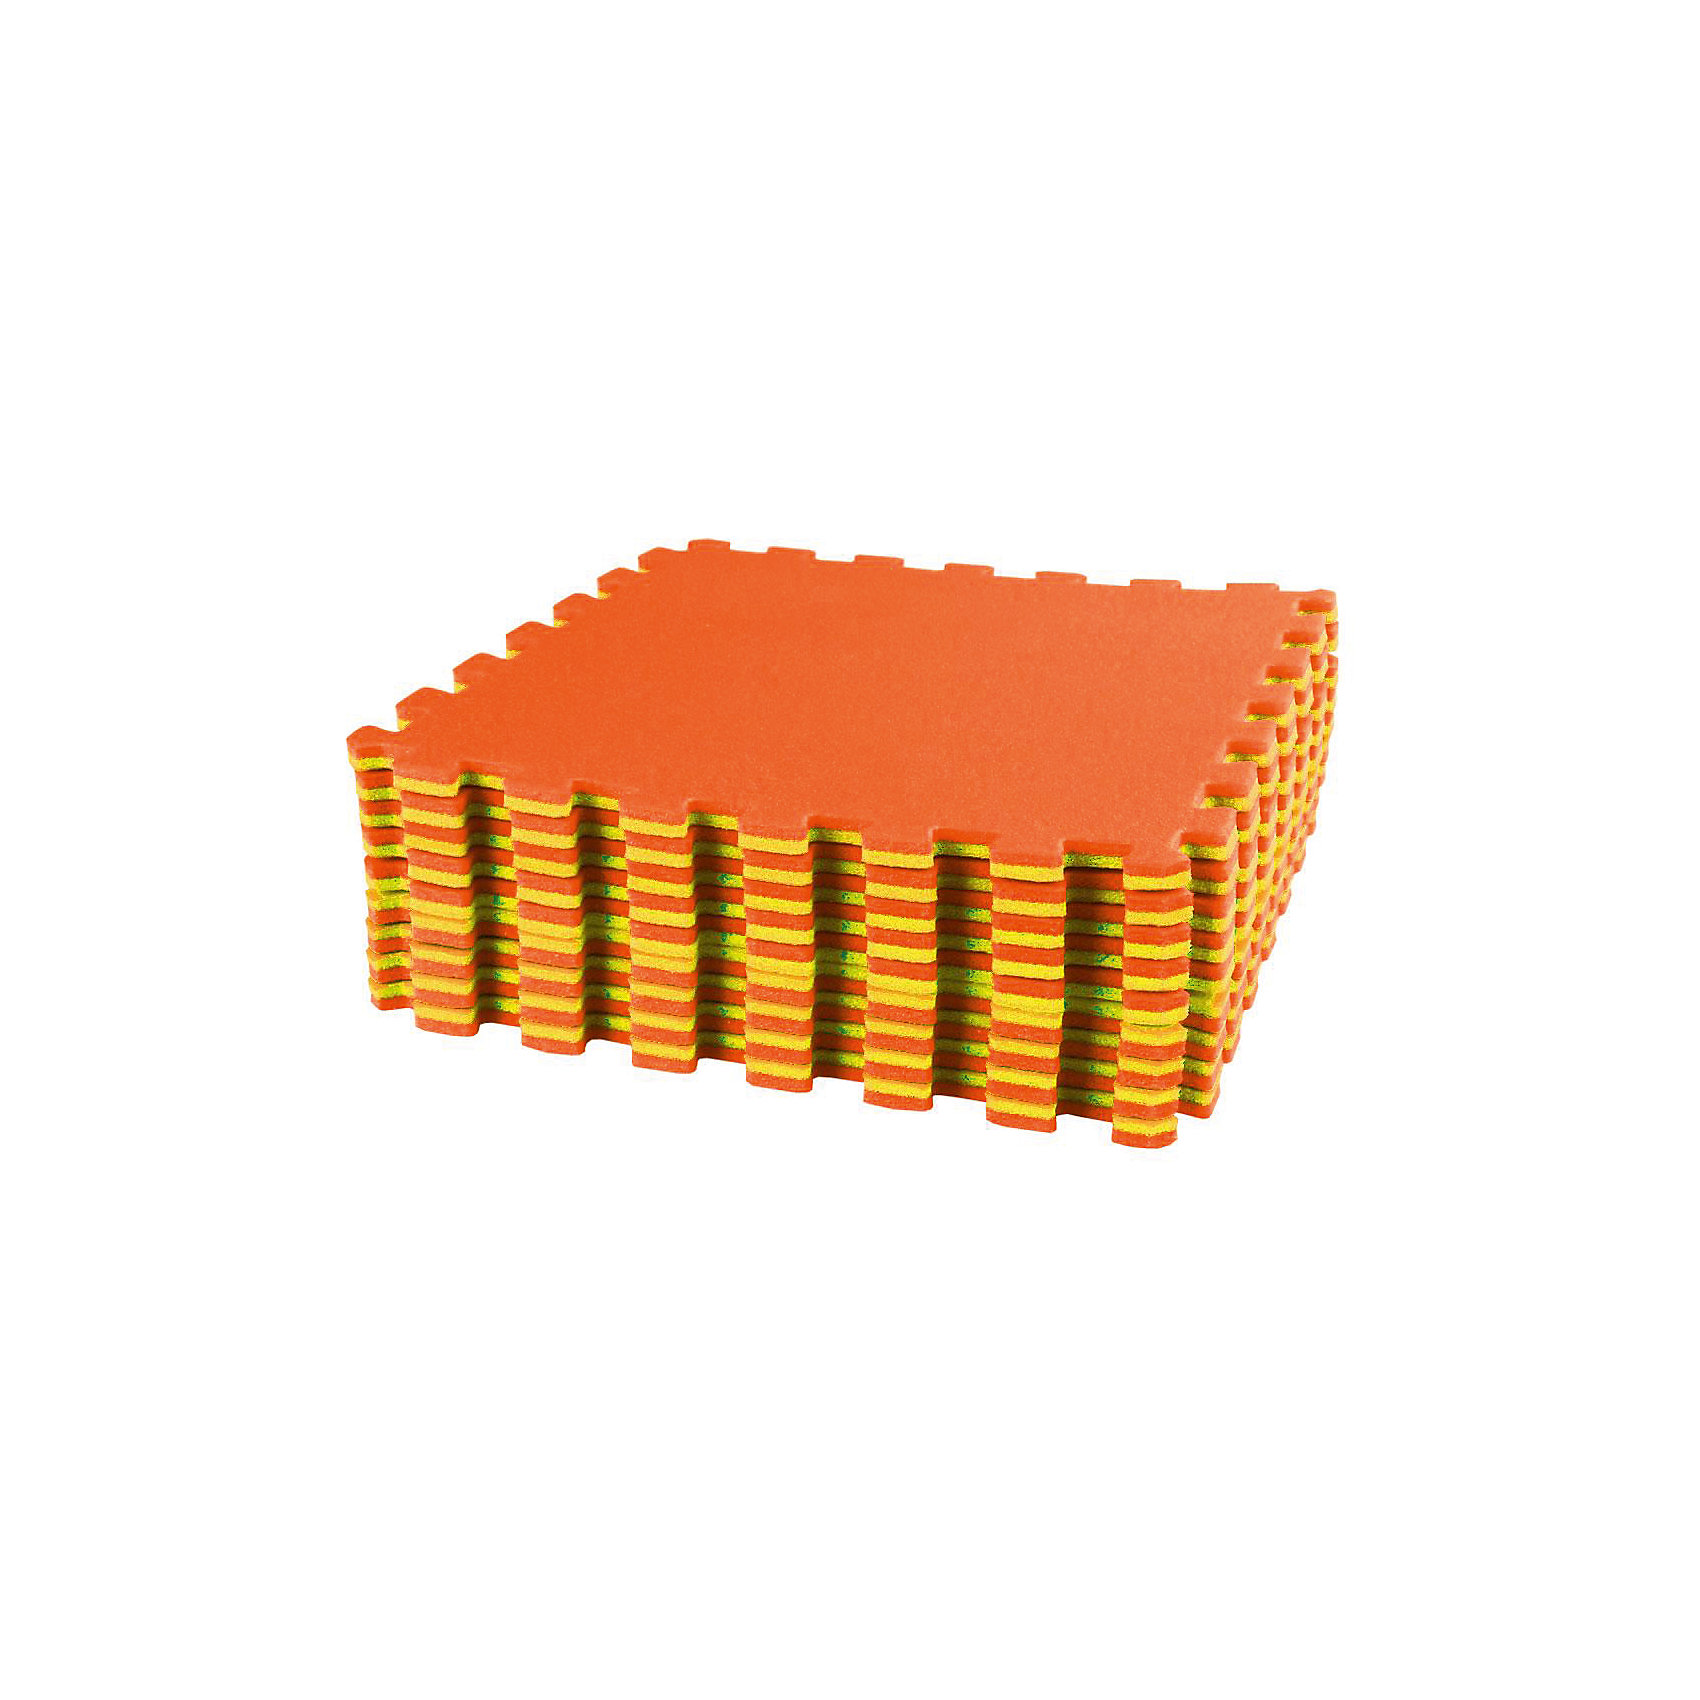 Коврик спортивный (1270х1270), Alternativa, оранжевый-желтыйКоврик спортивный (1270х1270), Alternativa, оранжевый-желтый сделает занятия спортом для вашего ребёнка более безопасными. Коврик не позволит скользить во время упражнений и убережет от случайных ударов об пол. Он изготовлен из пенополиэтилена, который не вызовет аллергическую реакцию. Благодаря ярким цветам коврика, занятия спортом будут проходить в хорошем, позитивном настроении. <br><br>Дополнительная информация:<br> -Размер: 1270х1270<br> -Цвет: оранжевый-жёлтый<br> -Материал: пенополиэтилен <br> -Вес: 860 г<br> -Марка: Alternativa<br><br>Коврик спортивный (1270х1270), Alternativa, оранжевый-желтый вы можете приобрести в нашем интернет-магазине.<br><br>Ширина мм: 1270<br>Глубина мм: 1270<br>Высота мм: 15<br>Вес г: 747<br>Возраст от месяцев: 6<br>Возраст до месяцев: 36<br>Пол: Унисекс<br>Возраст: Детский<br>SKU: 5096515